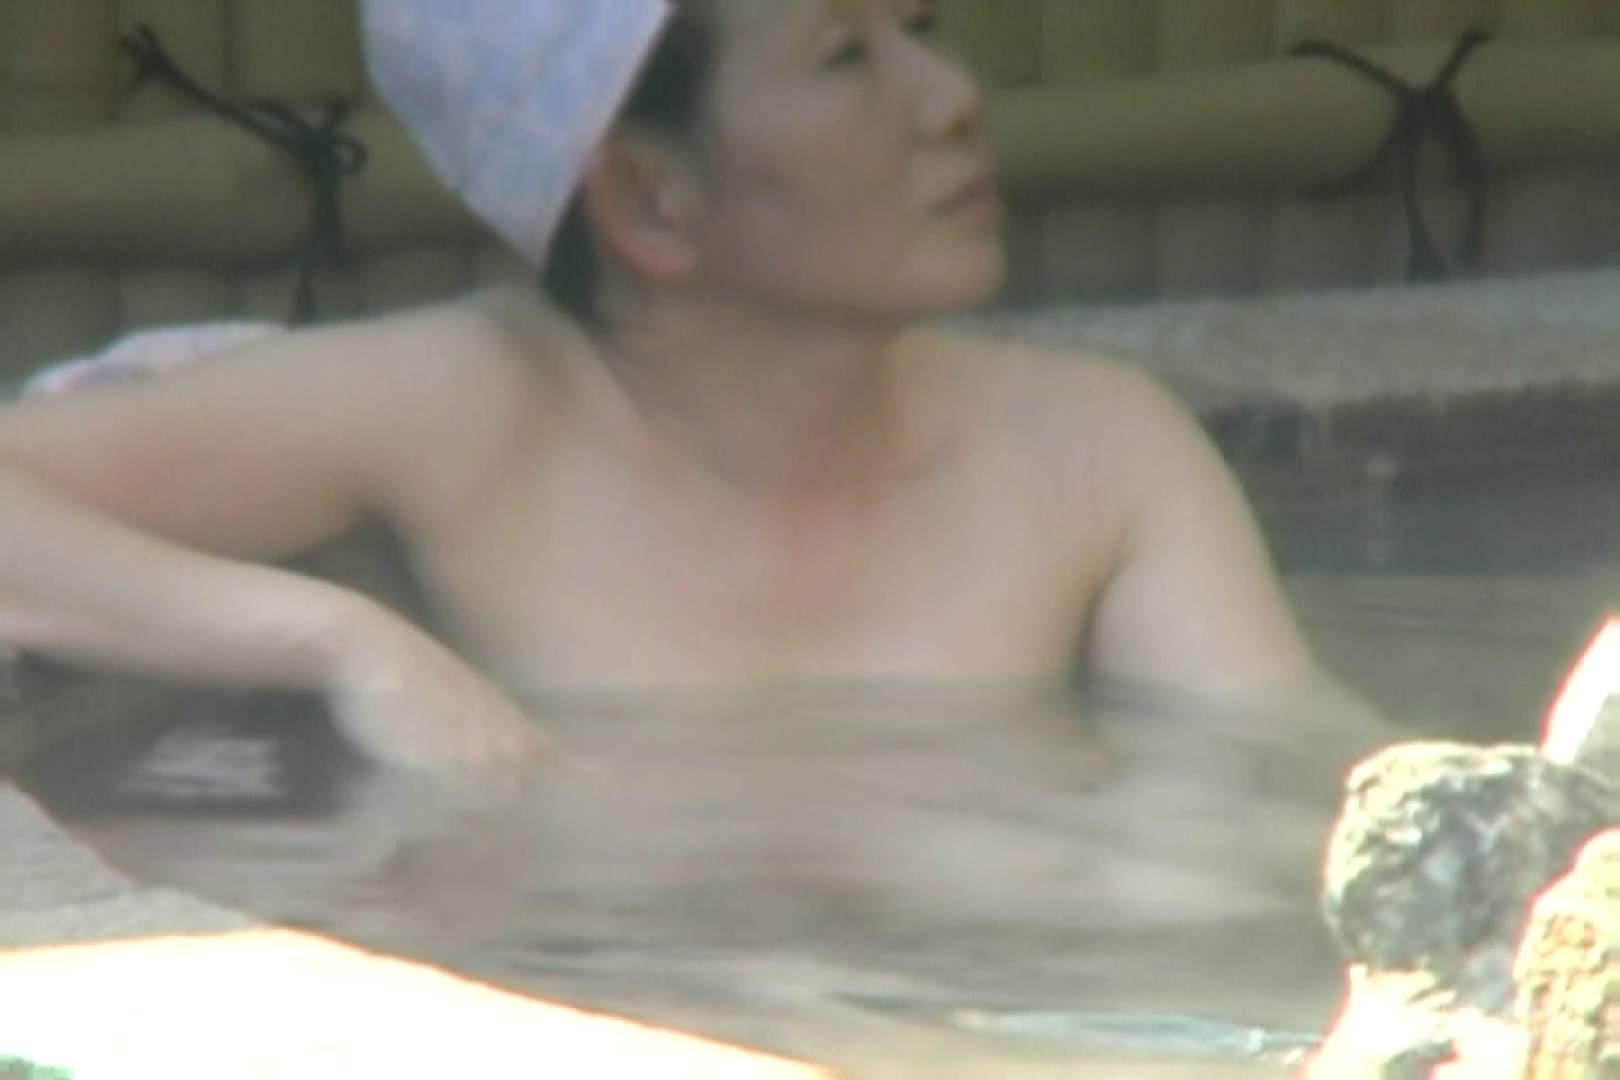 女露天風呂劇場 Vol.18 OLの実態  54pic 30